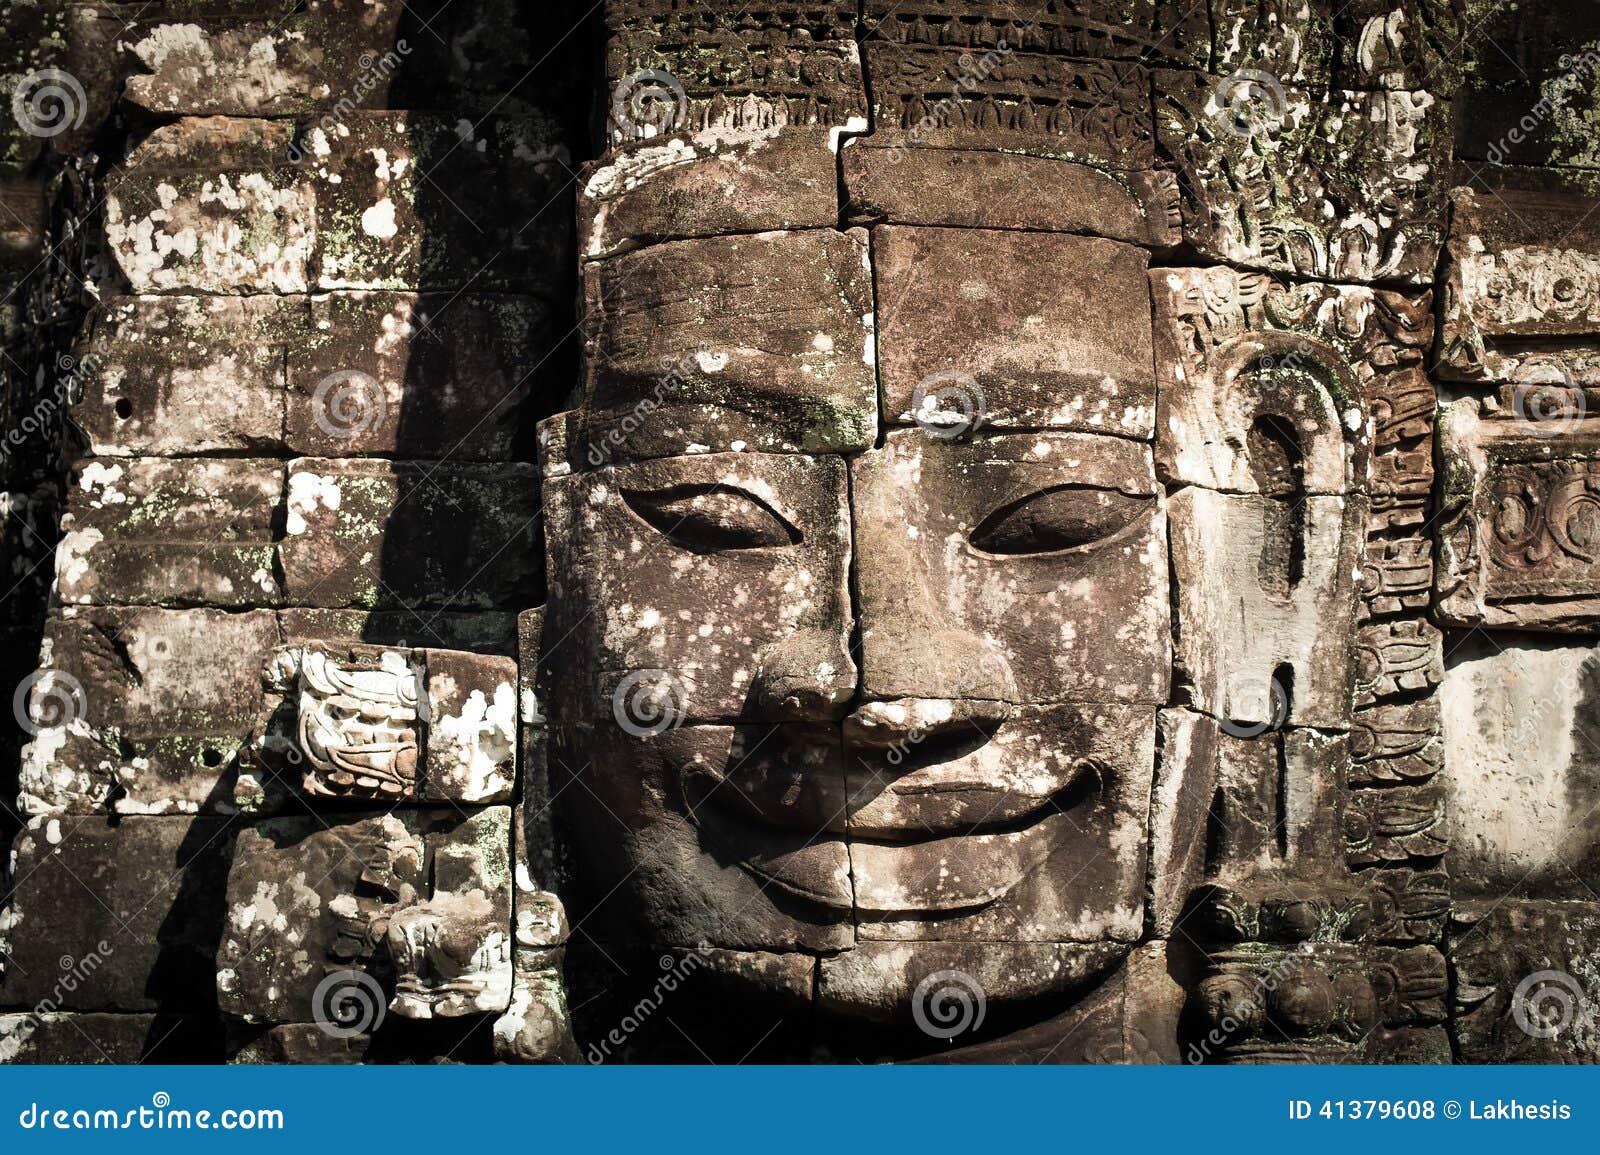 Buddha faces of Bayon temple at Angkor Wat. Cambodia